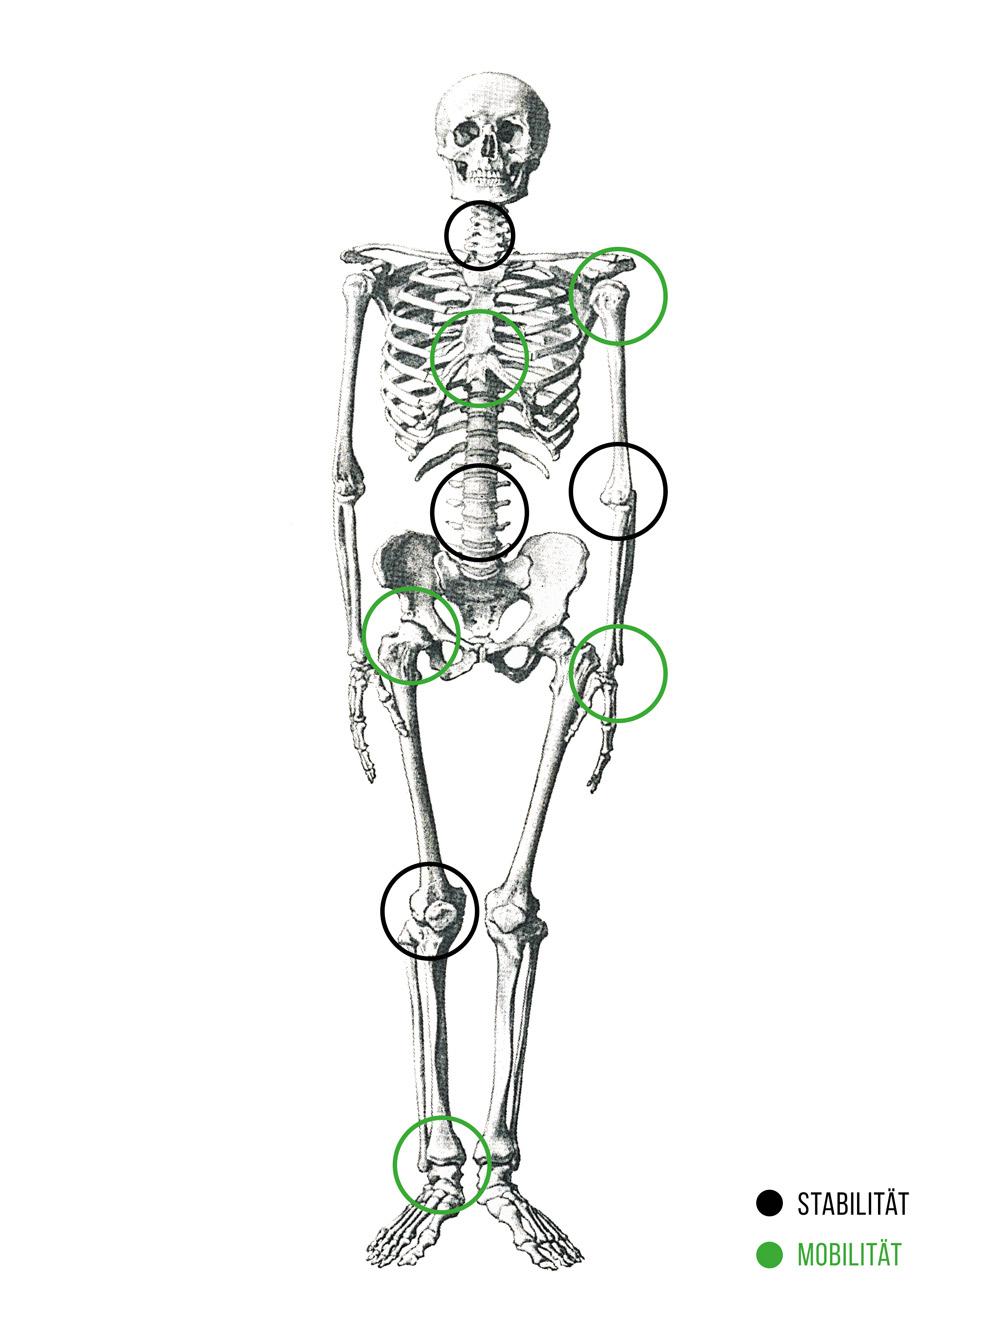 Abb. 1: Mobilität und Stabilität der Gelenke